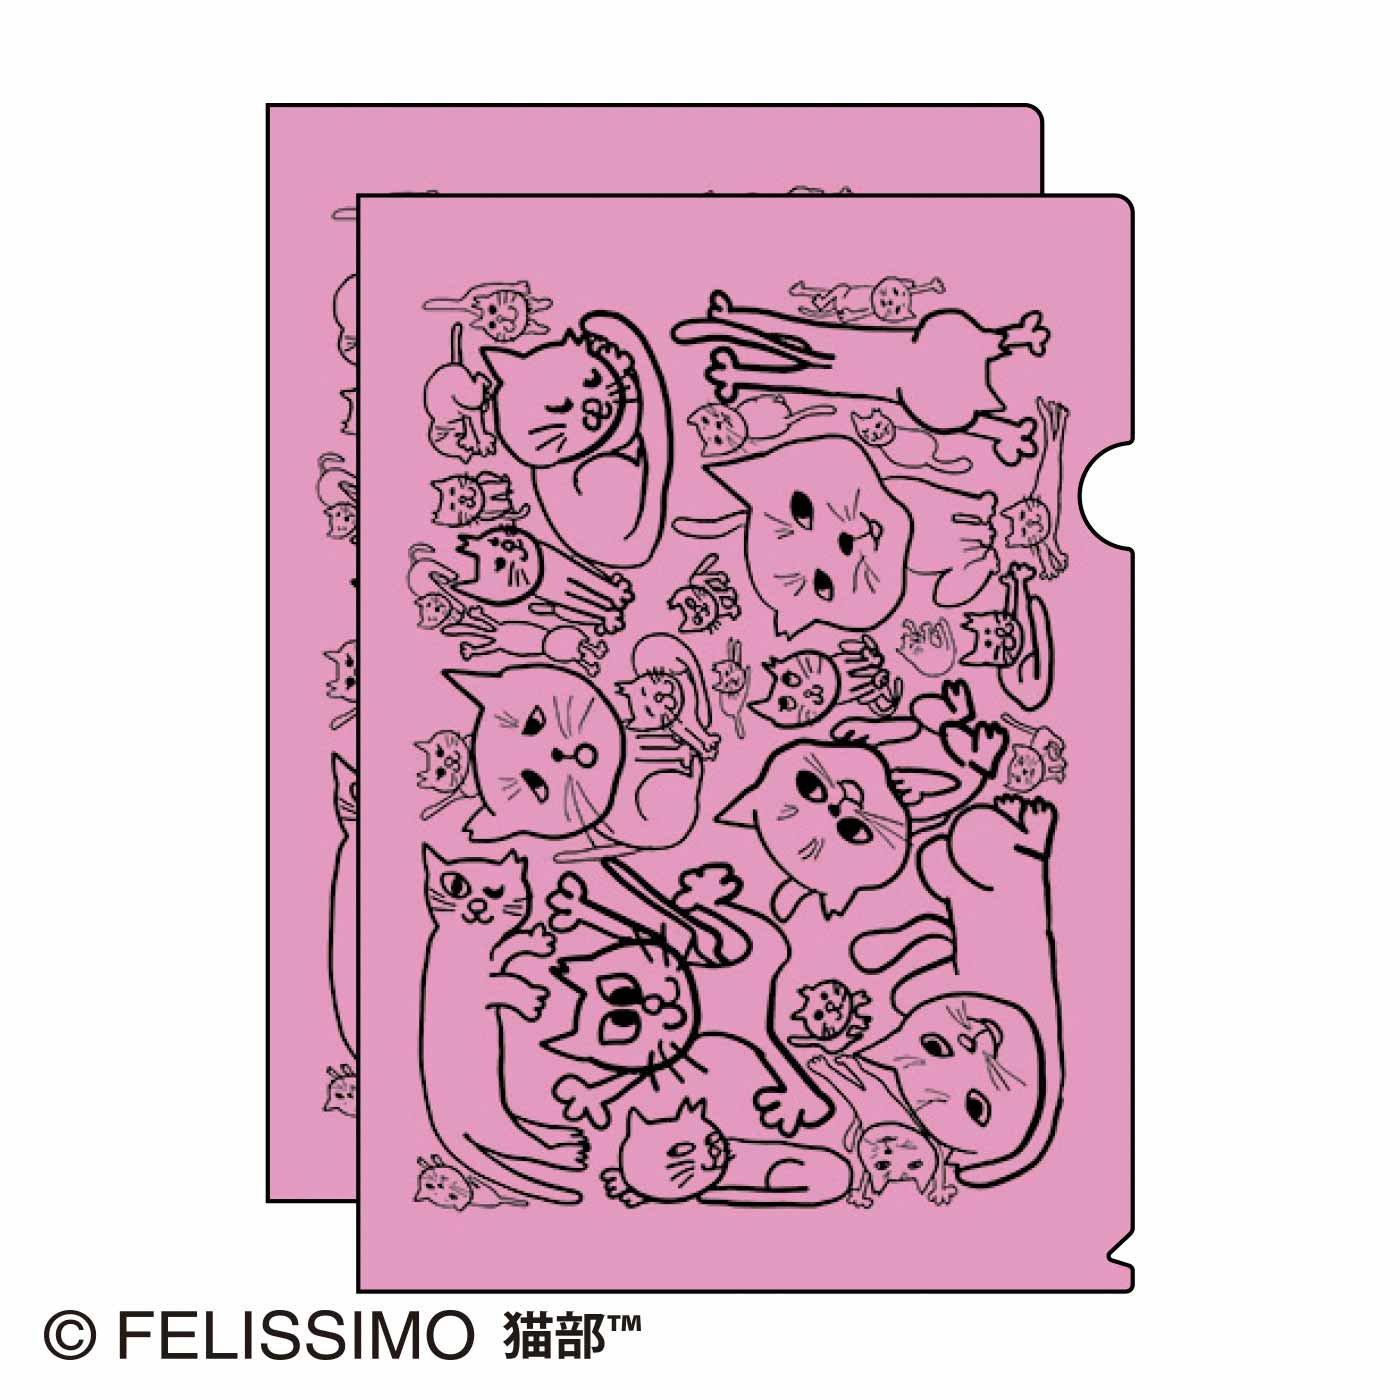 日本エレキテル連合×猫部 地域猫チャリティークリアファイル2021